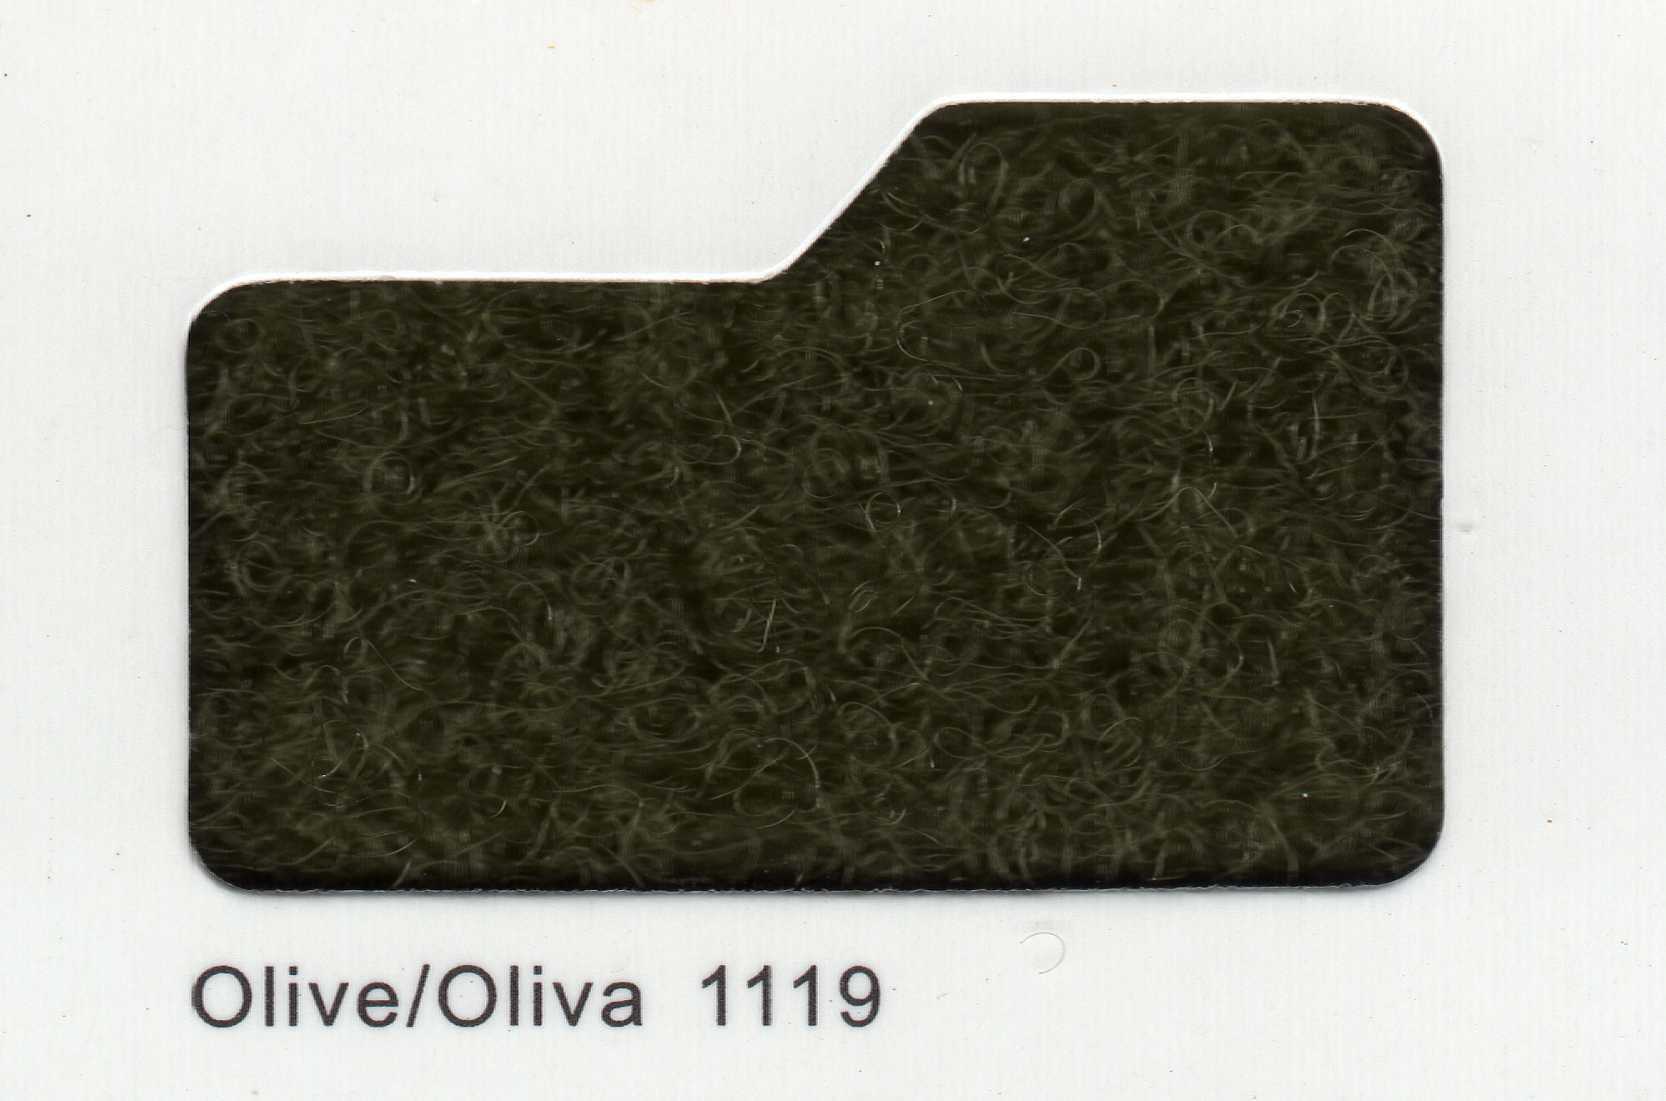 Cinta de cierre Velcro-Veraco 38mm Oliva 1119 (Rizo).